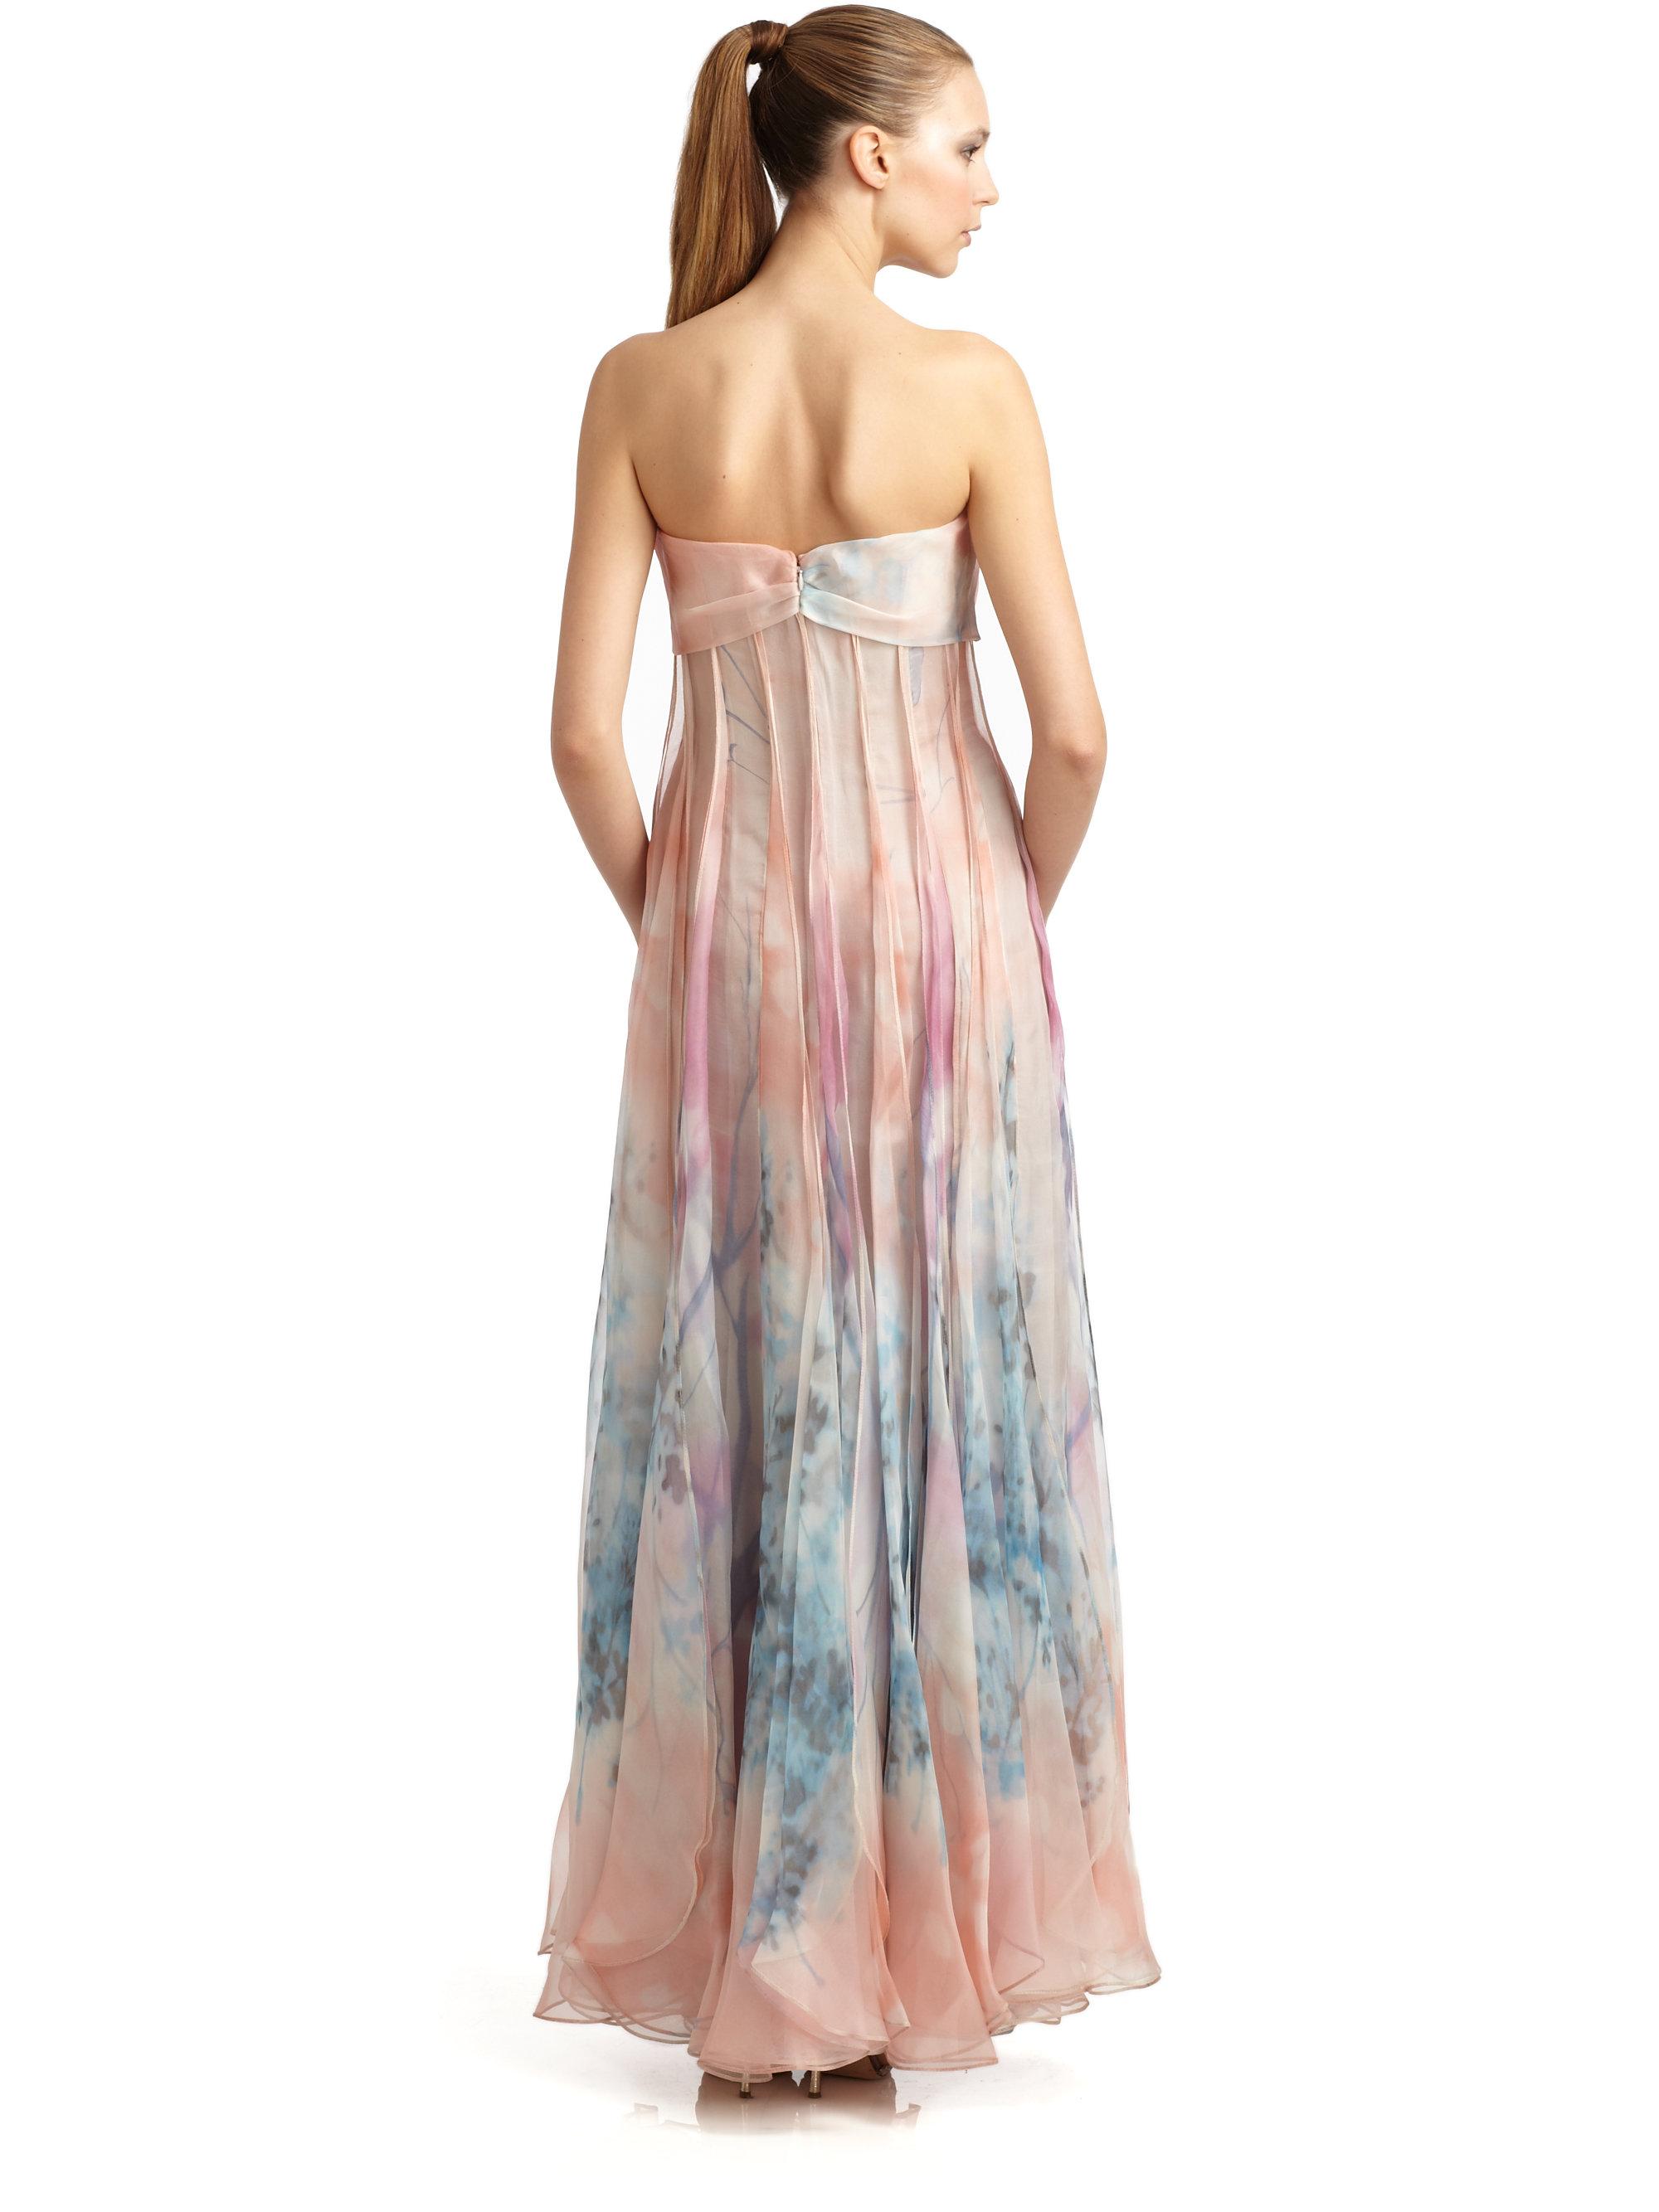 Giorgio Armani Watercolor Floral Print Silk Strapless